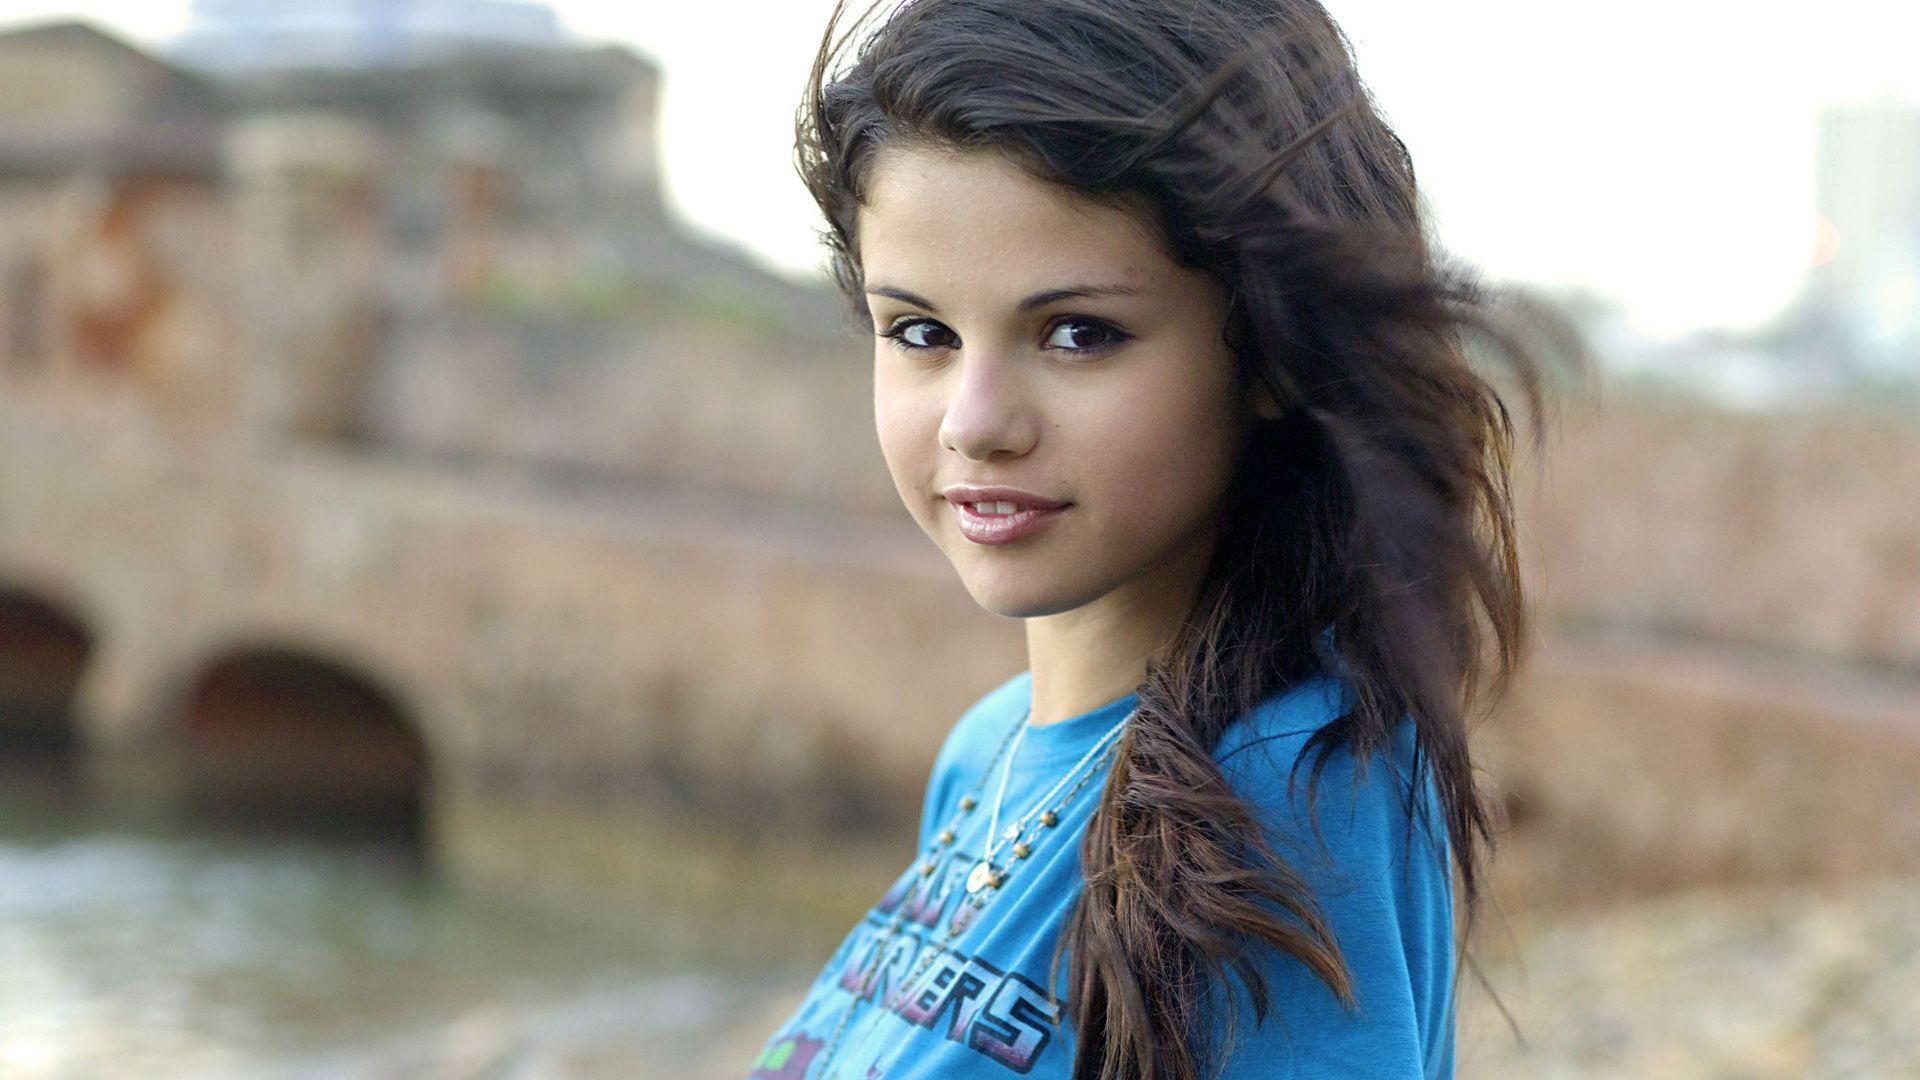 Celebrities Selena Gomez 31 wallpapers (Desktop, Phone, Tablet .